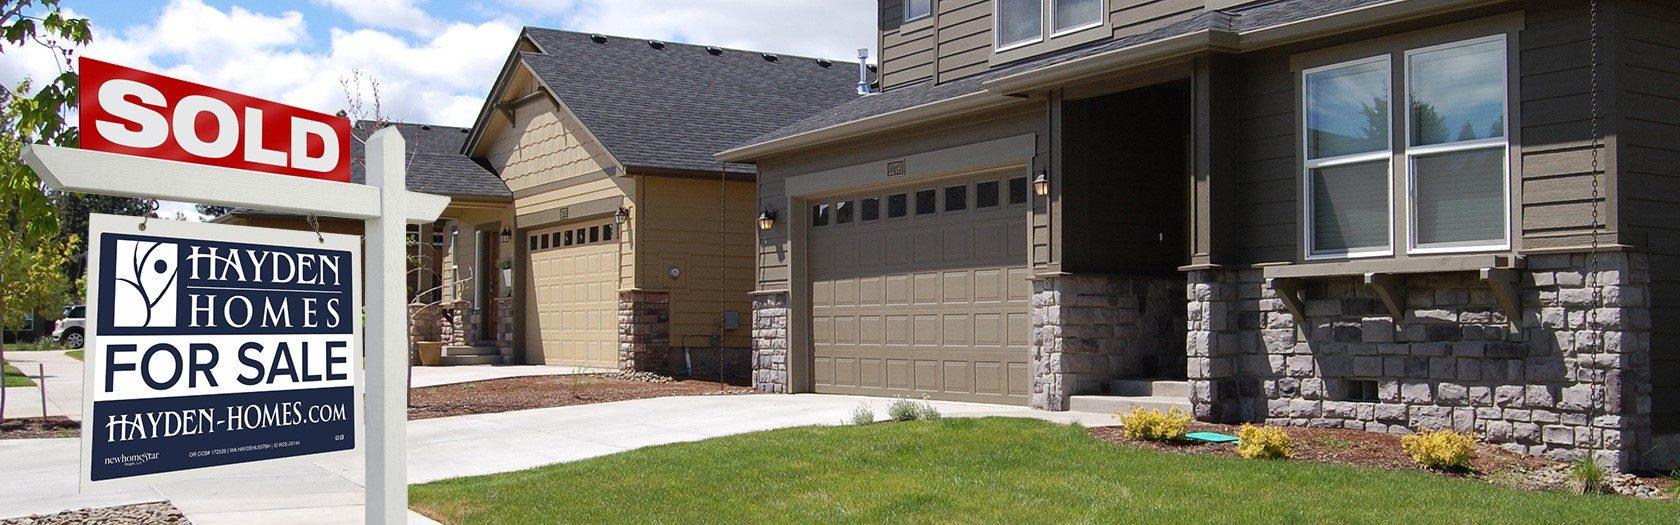 Realtors Working with Hayden Homes